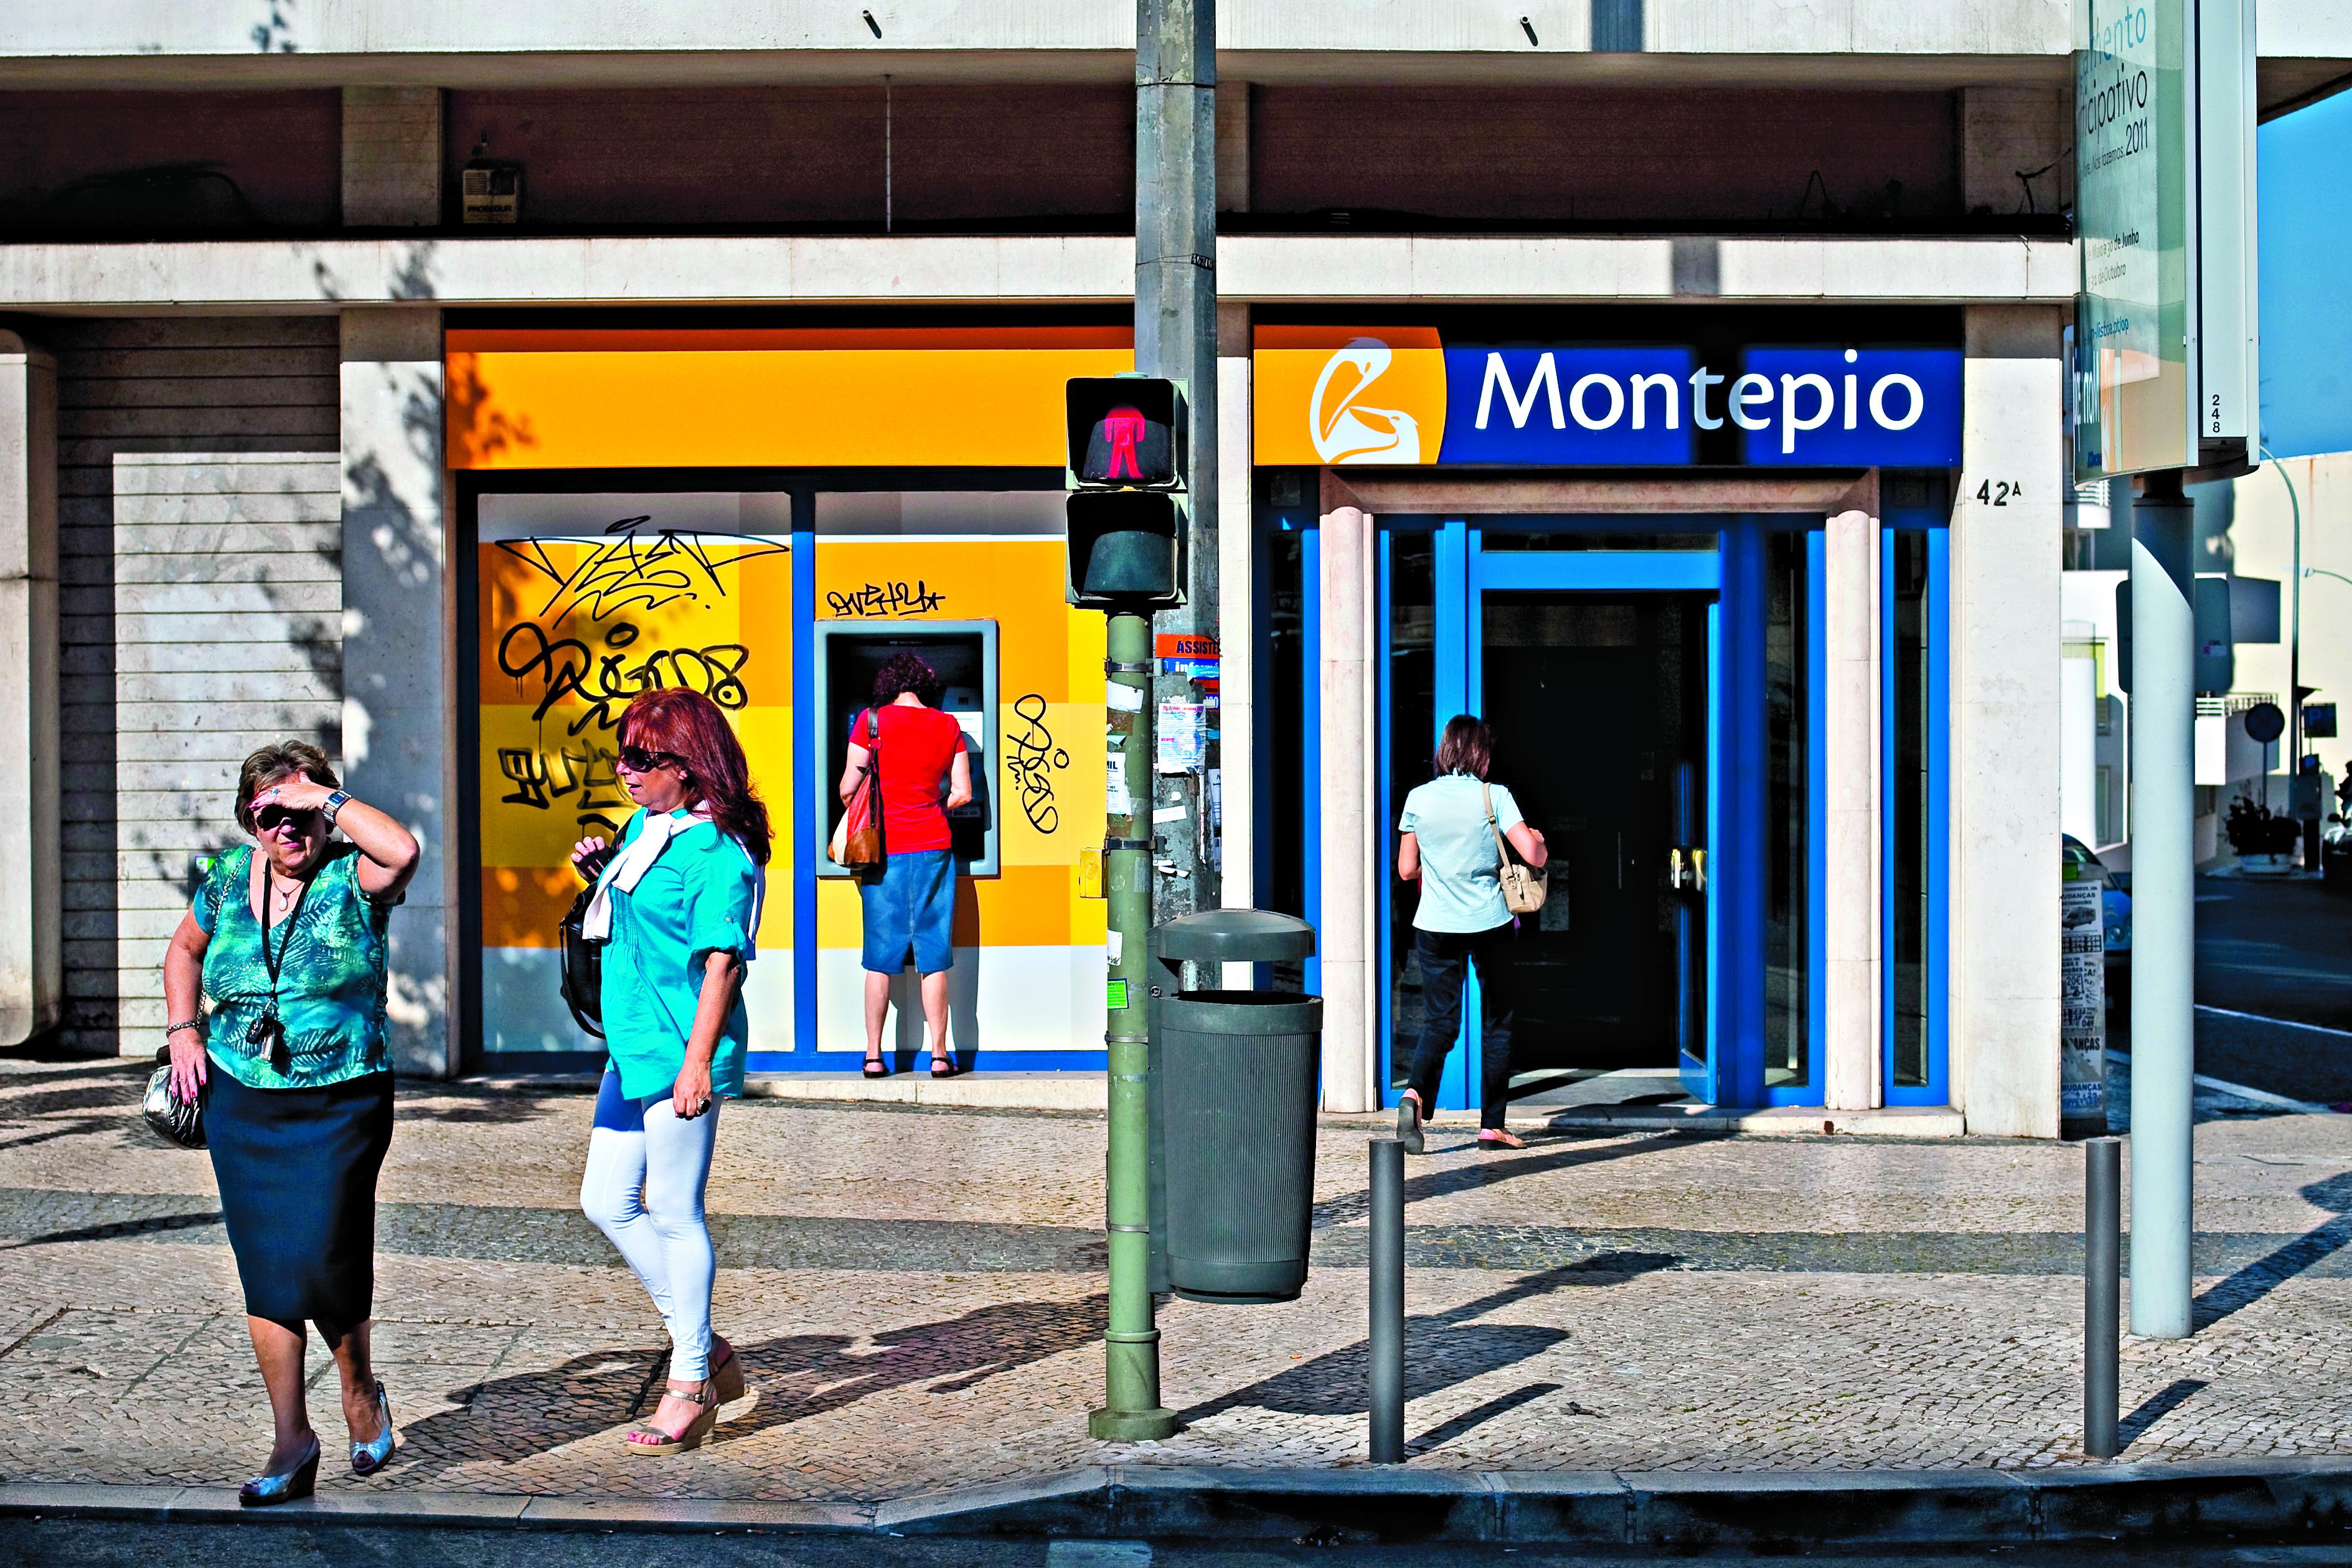 Montepio suspende negociação em bolsa, compra de unidades remanescentes arranca sexta-feira